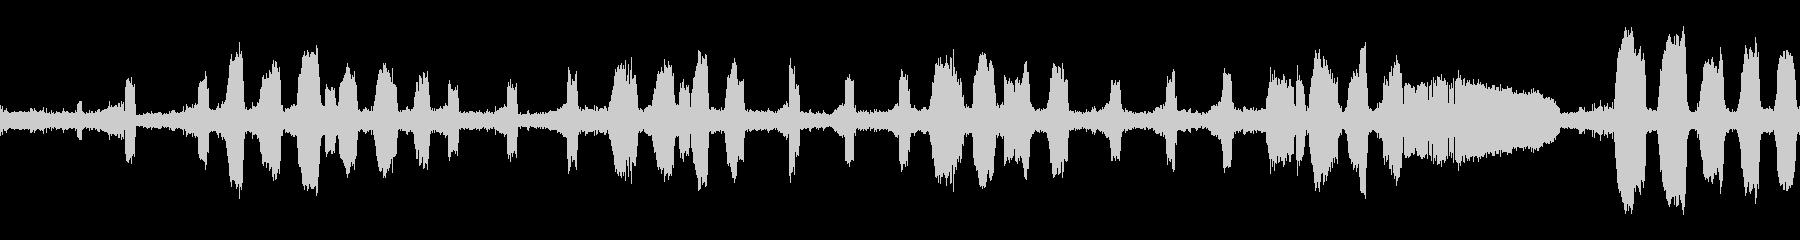 ツクツクボウシ・蝉の鳴き声(ループ)の未再生の波形